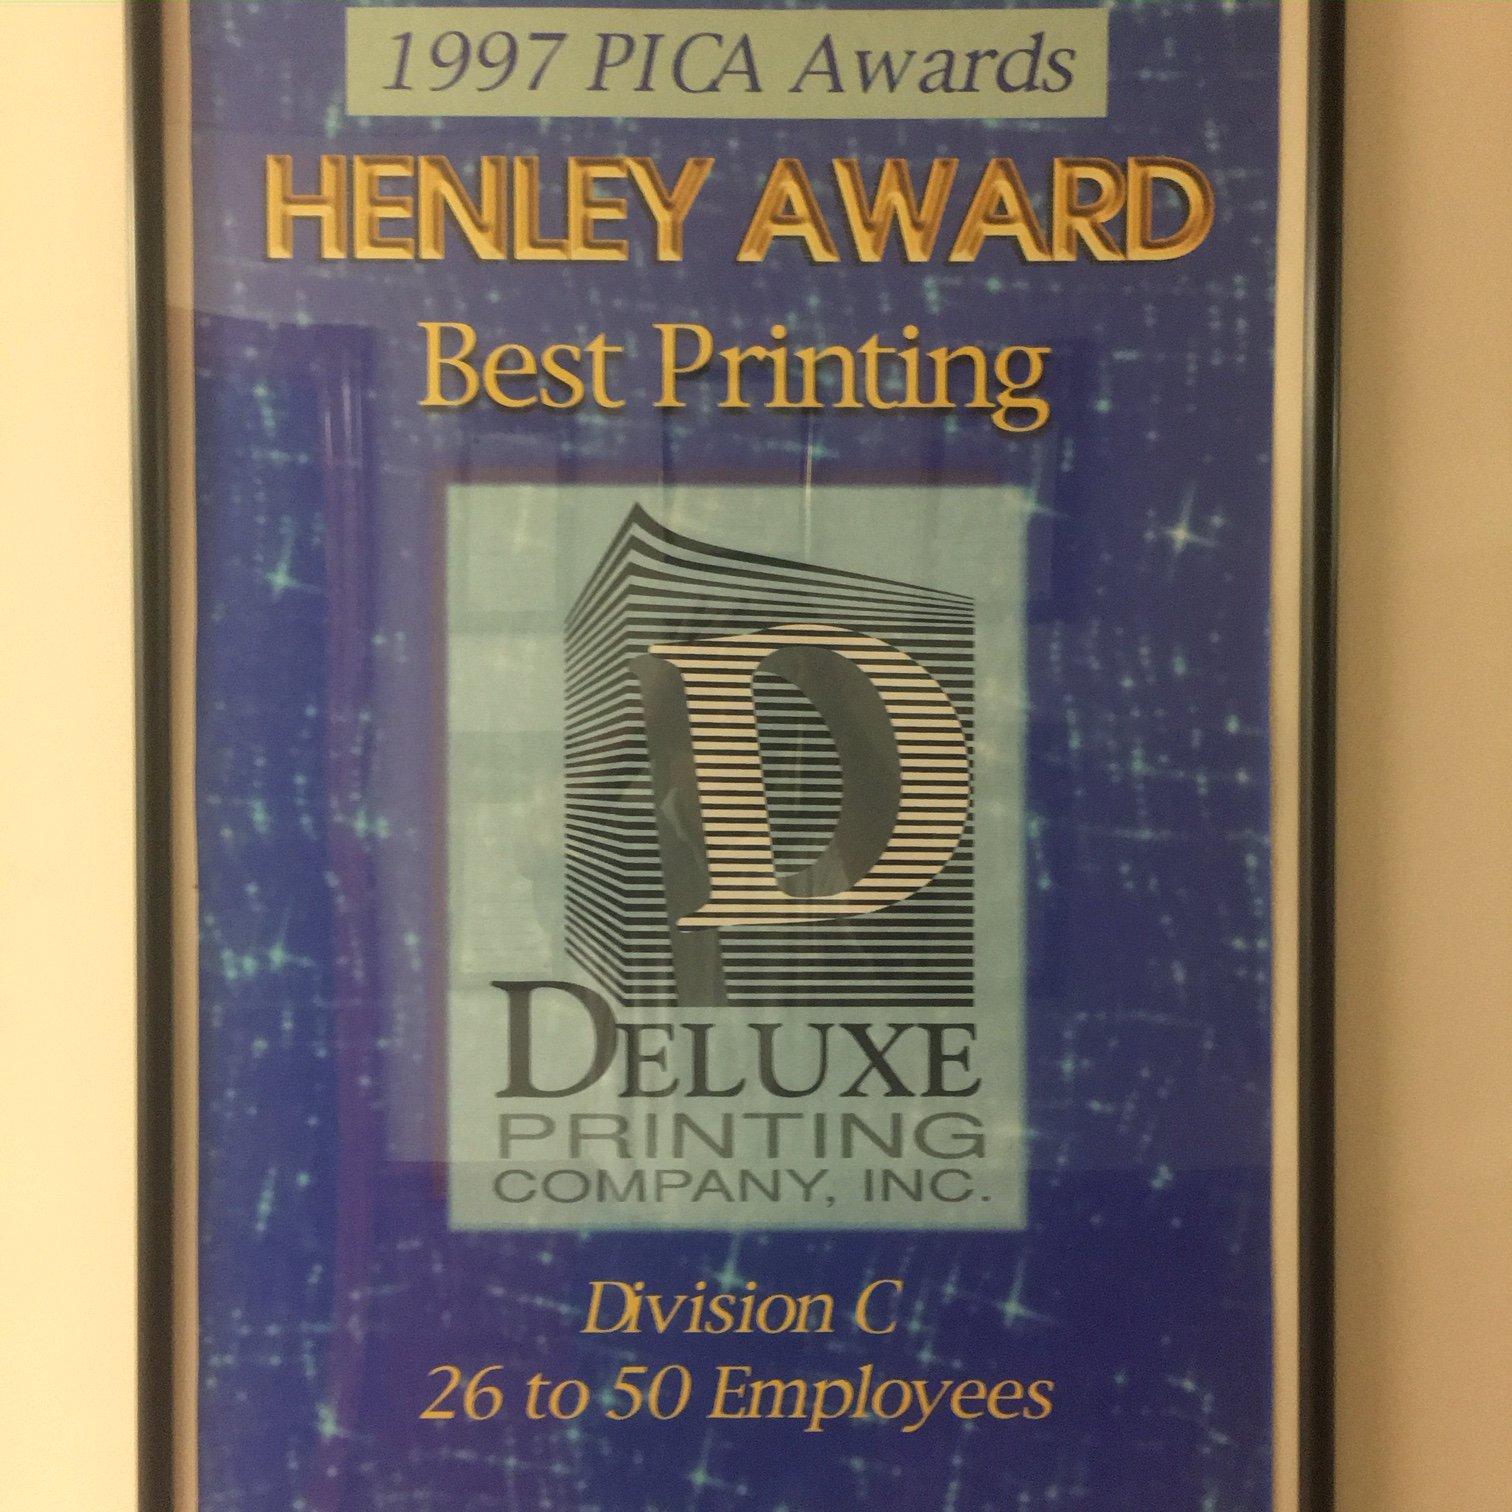 1997 Best Printing